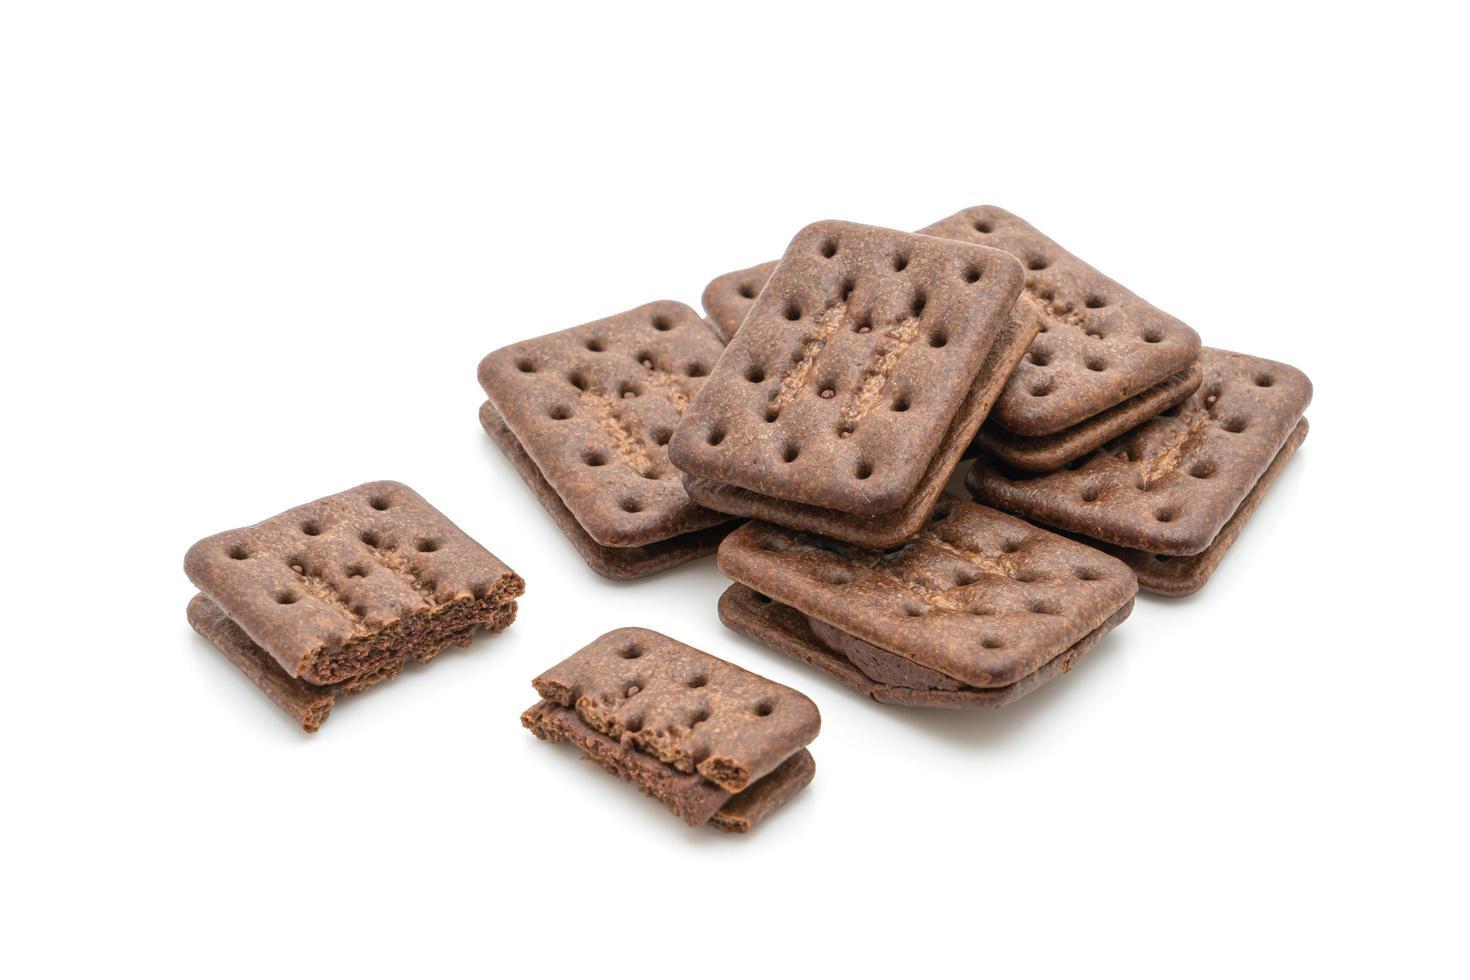 chocoladekoekjes met chocoladeroom die op witte achtergrond wordt geïsoleerd foto